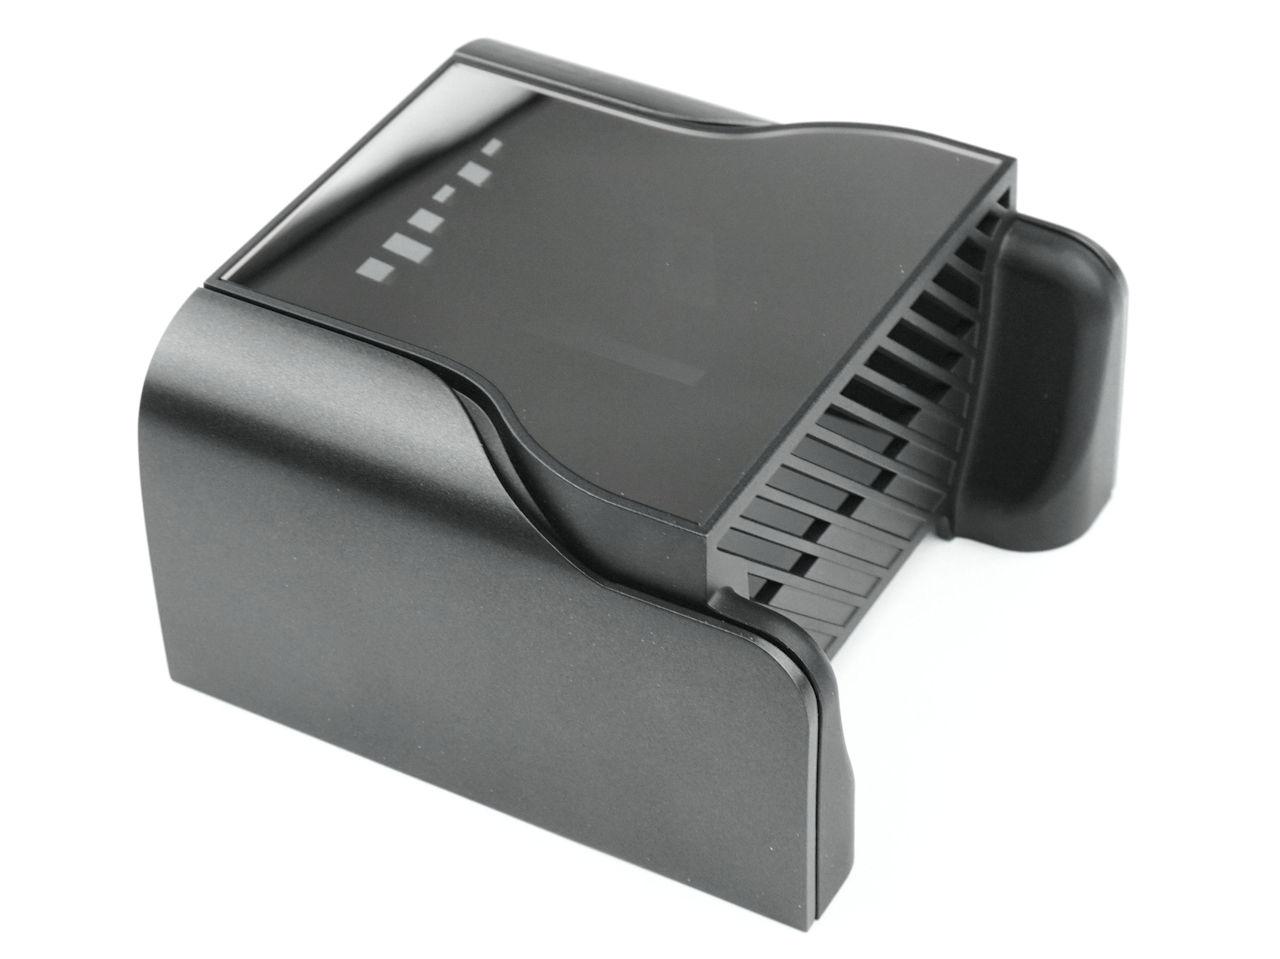 MSI MEG CORELIQUID S360 一體式水冷